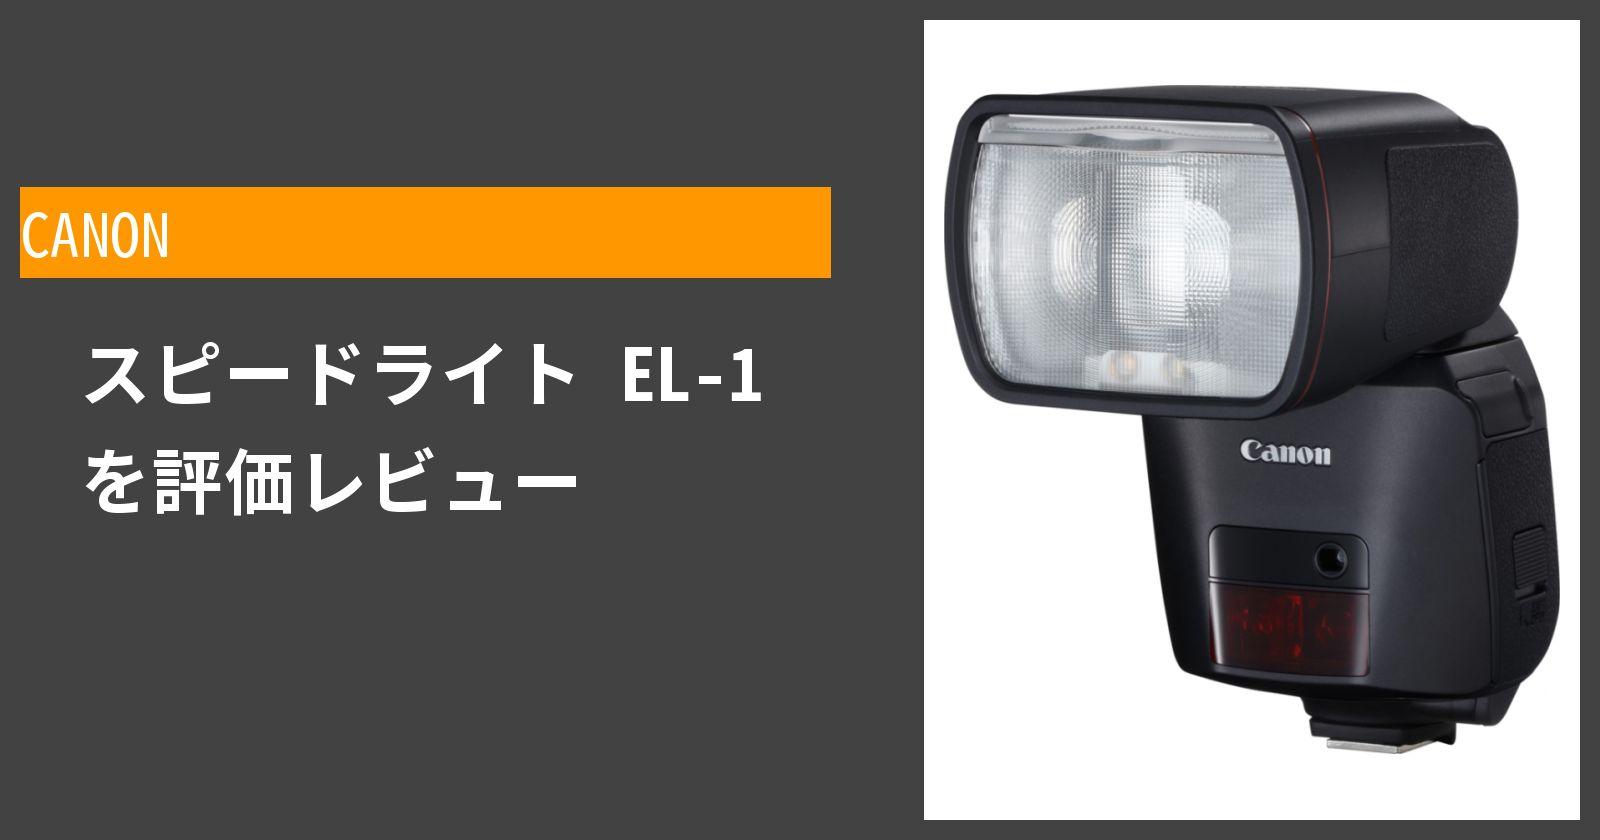 スピードライト EL-1を徹底評価